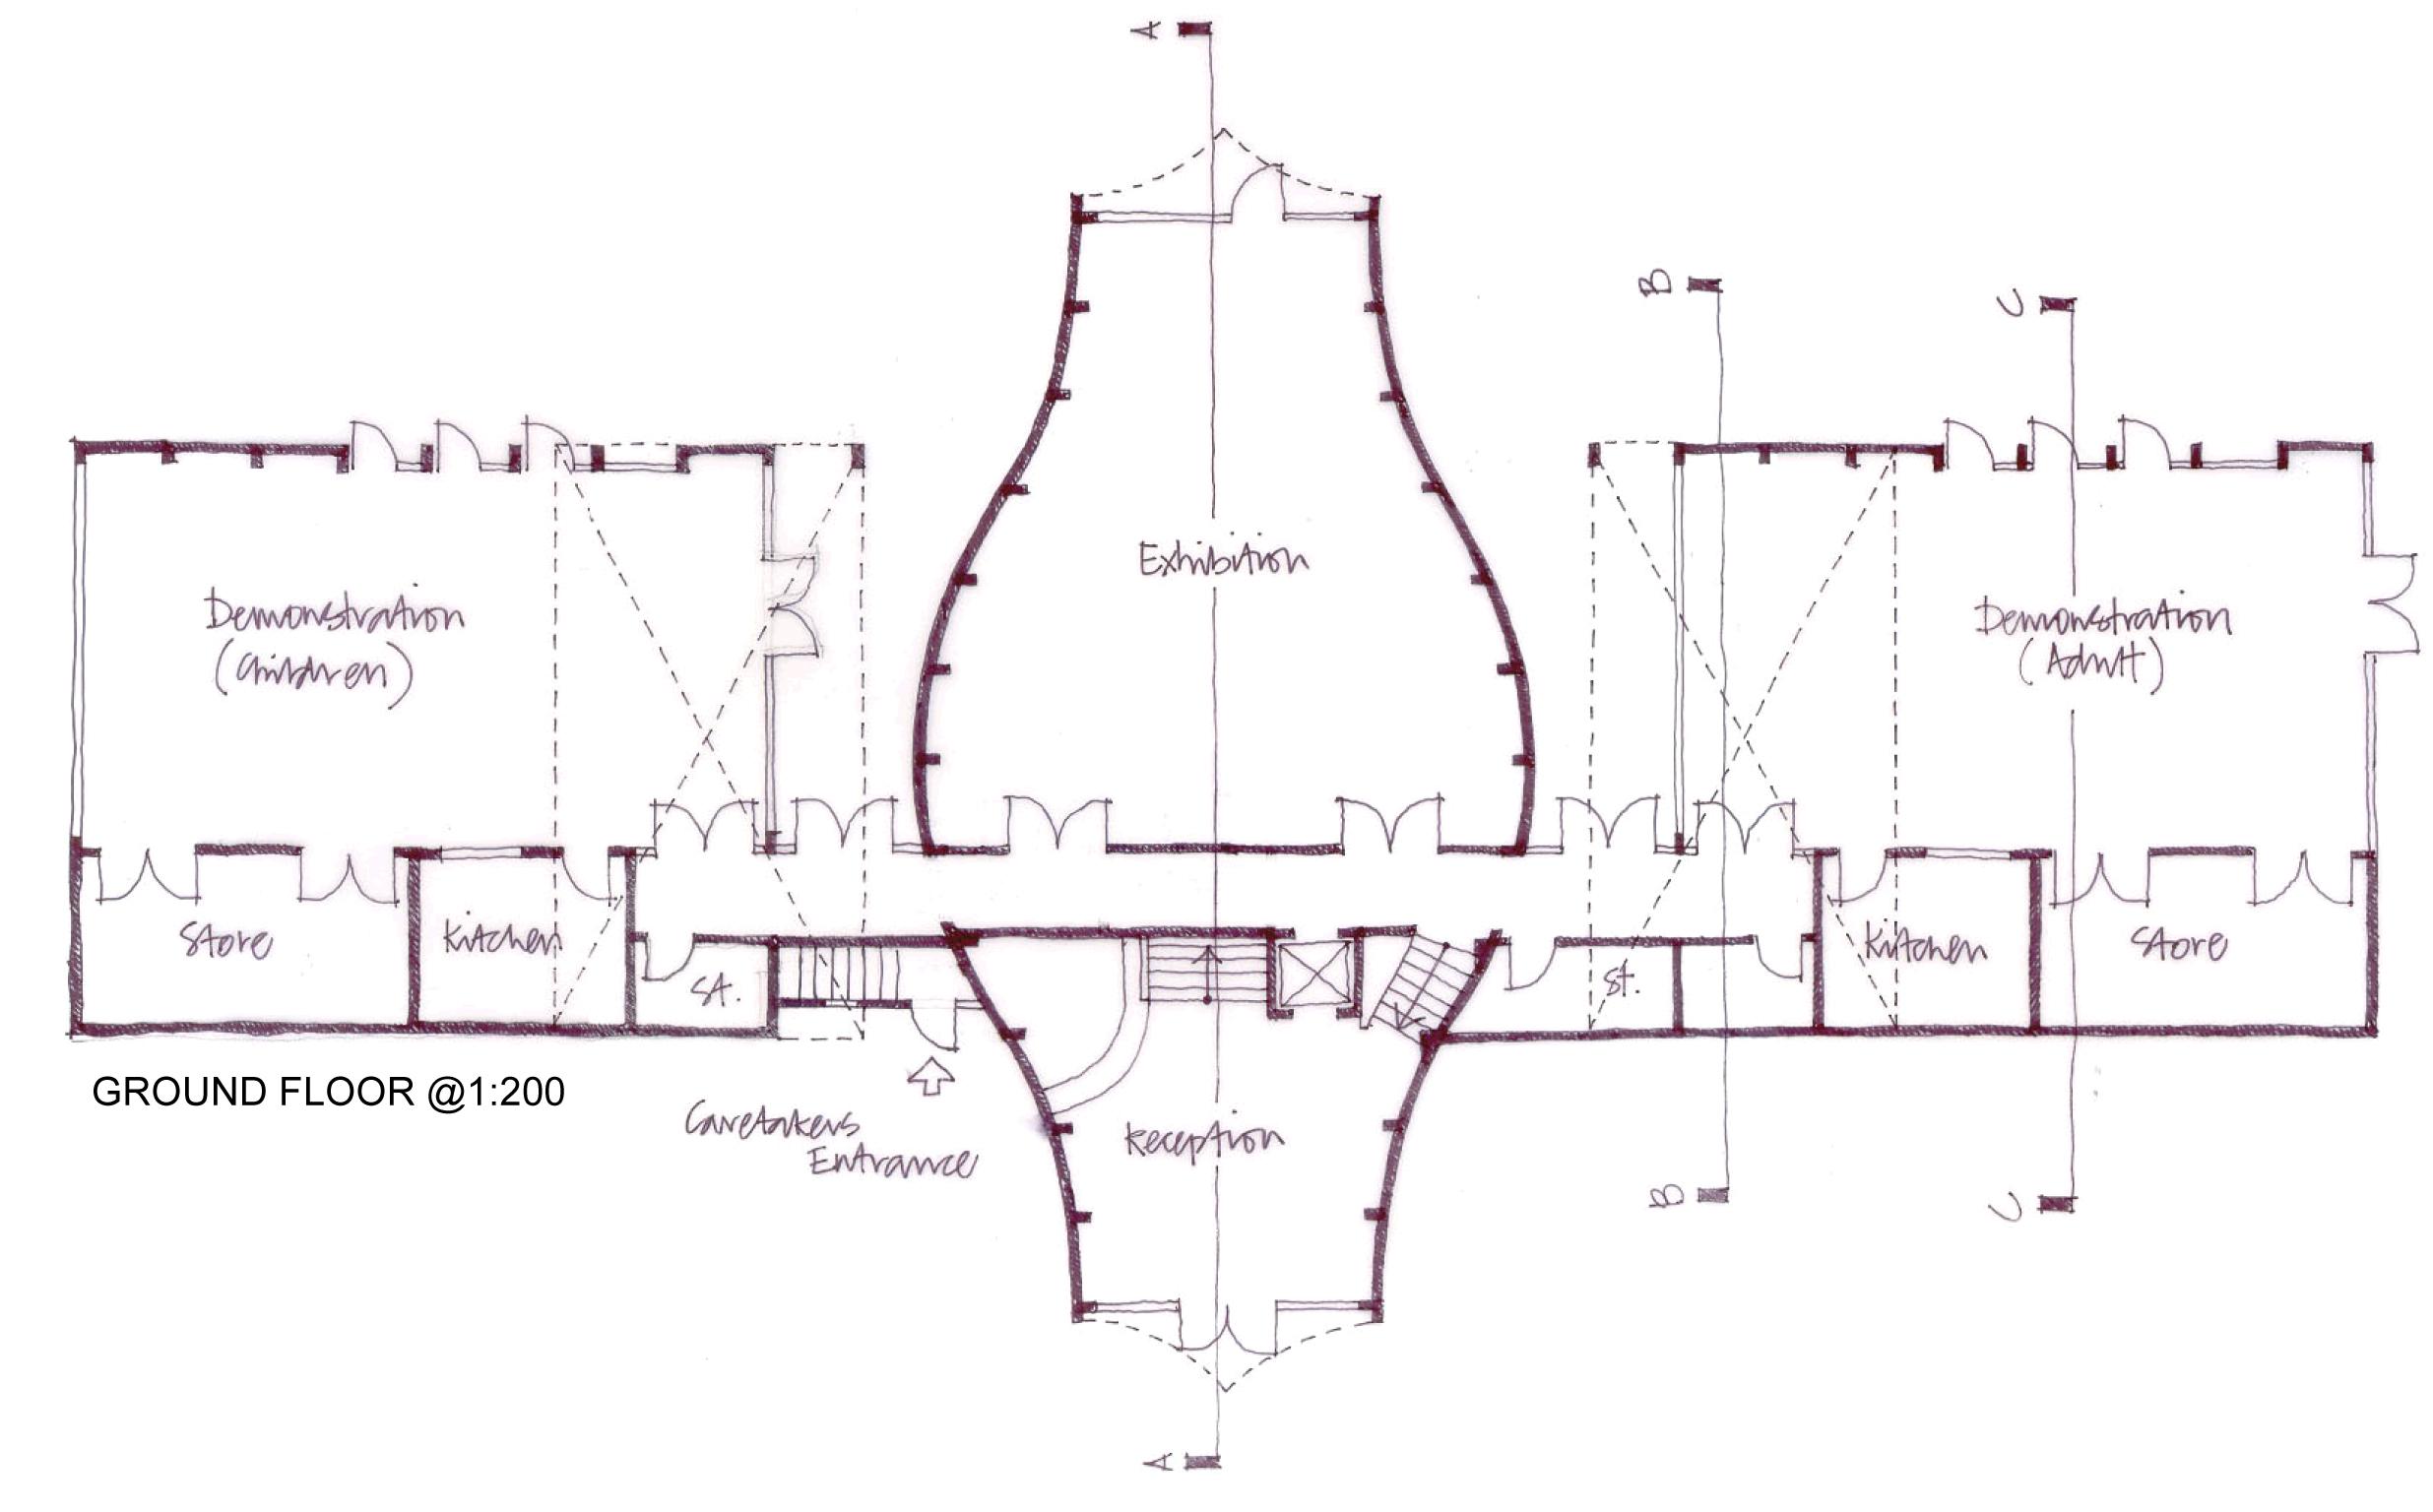 352-Plan GF